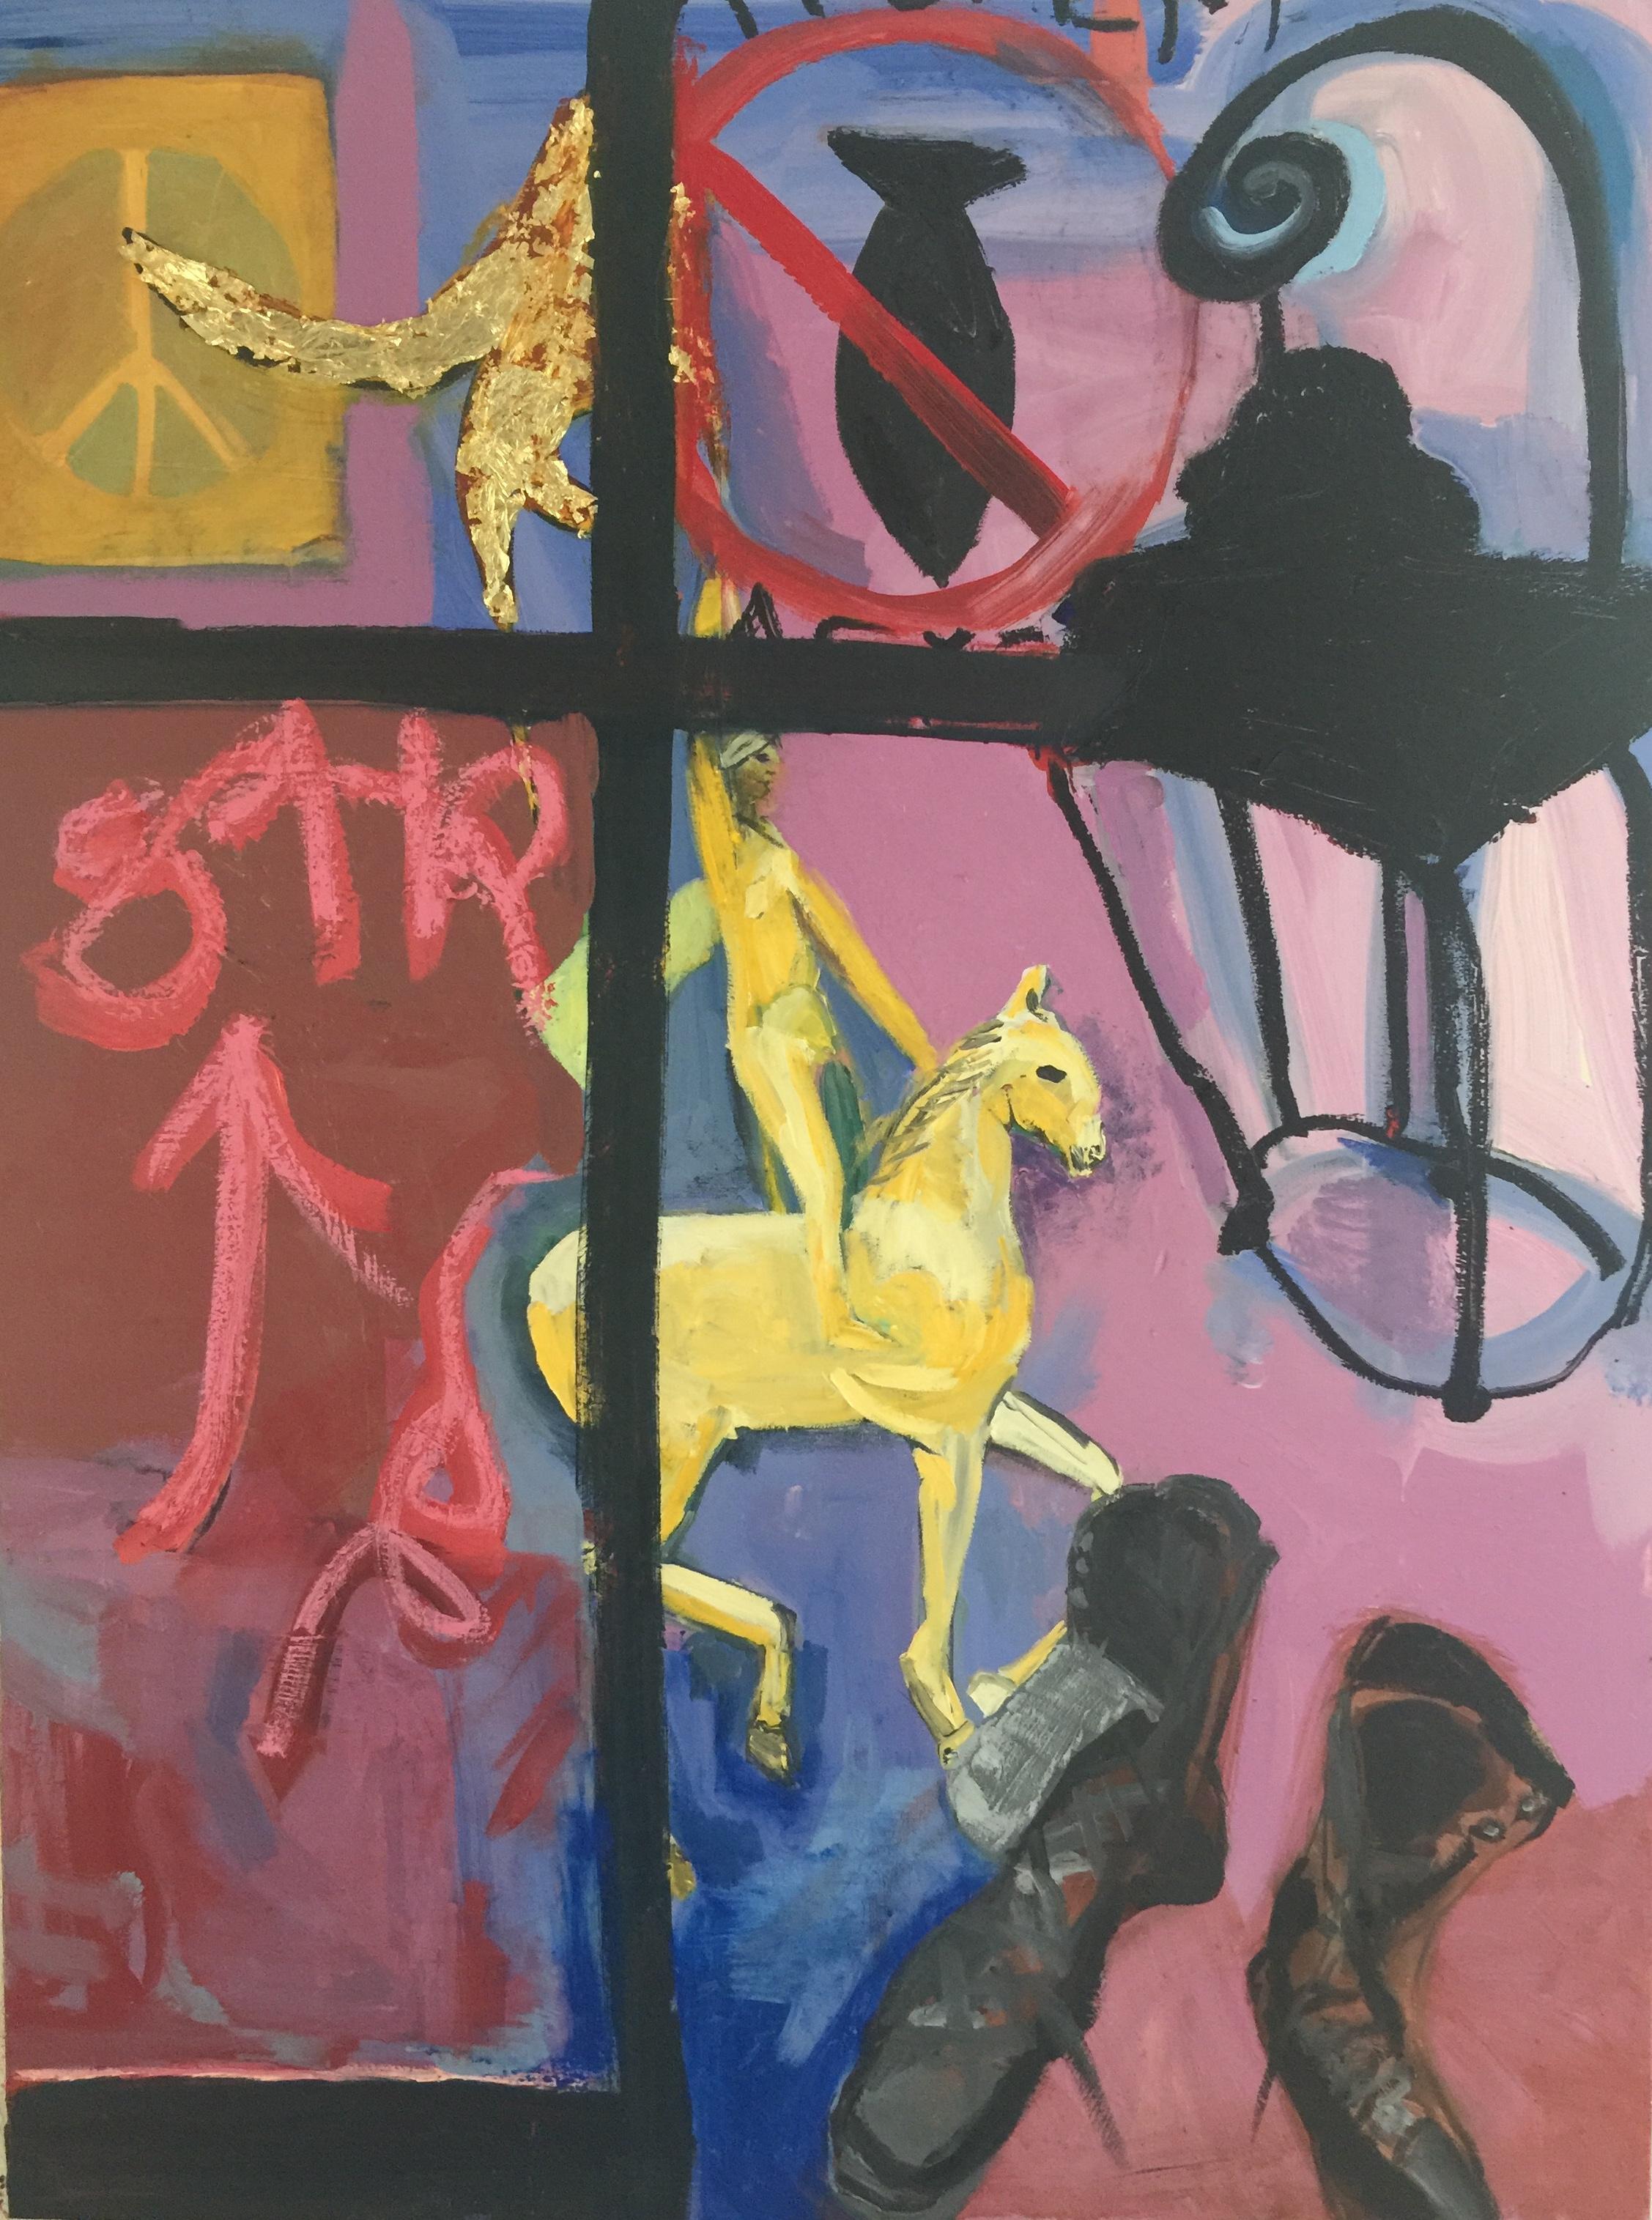 """Patti Smith Land 250: Lantern, Place des Vosges; Jeanne d""""Arc Hotel Regina, Paris; La Porte de mon studio, New York; Chaussures de travail."""